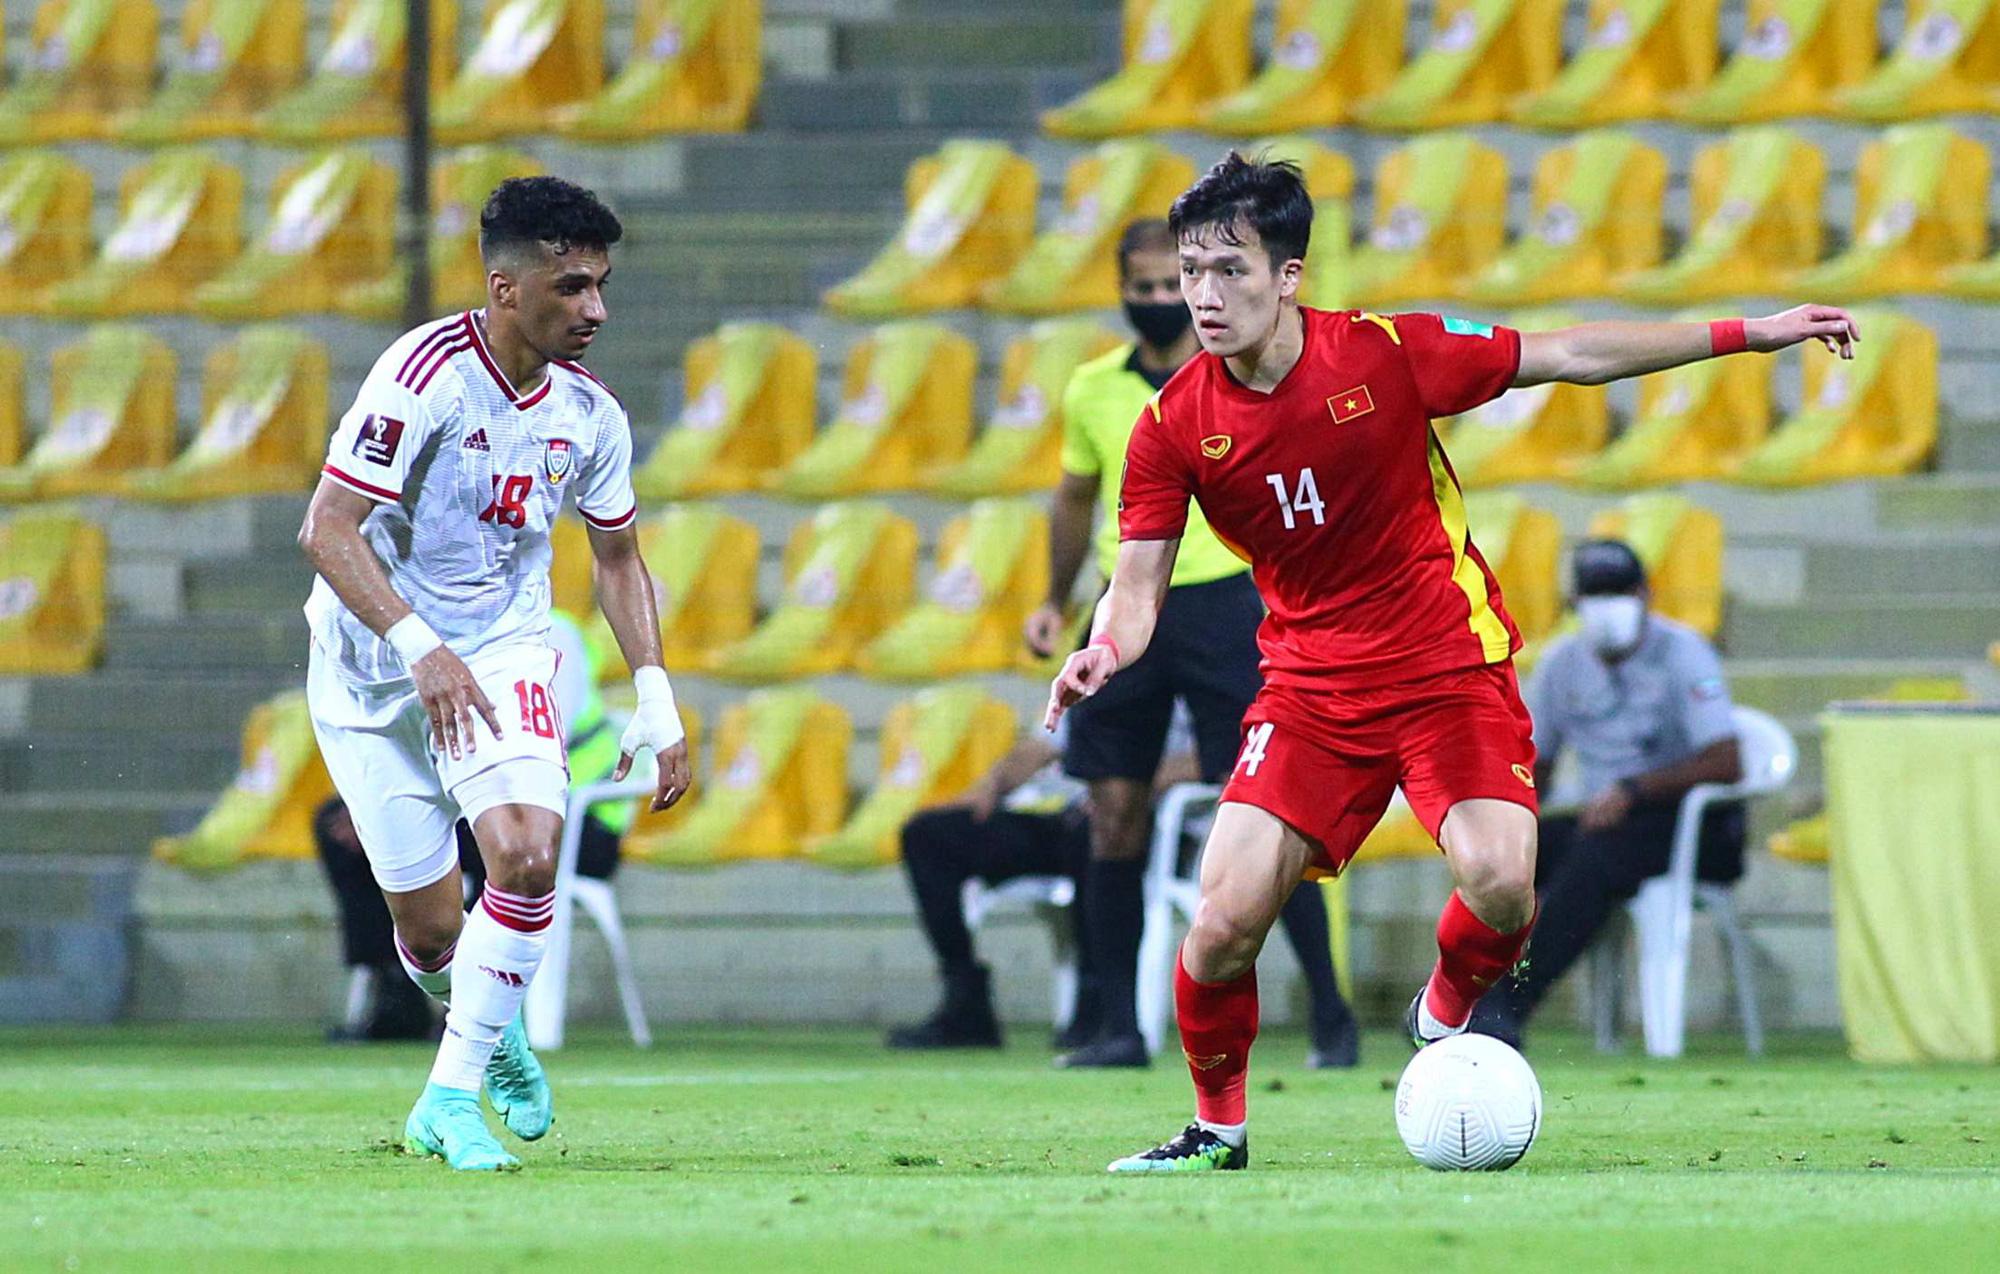 CLB tại K-League 2 muốn chiêu mộ Hoàng Đức, Viettel có đồng ý bán? - Ảnh 1.